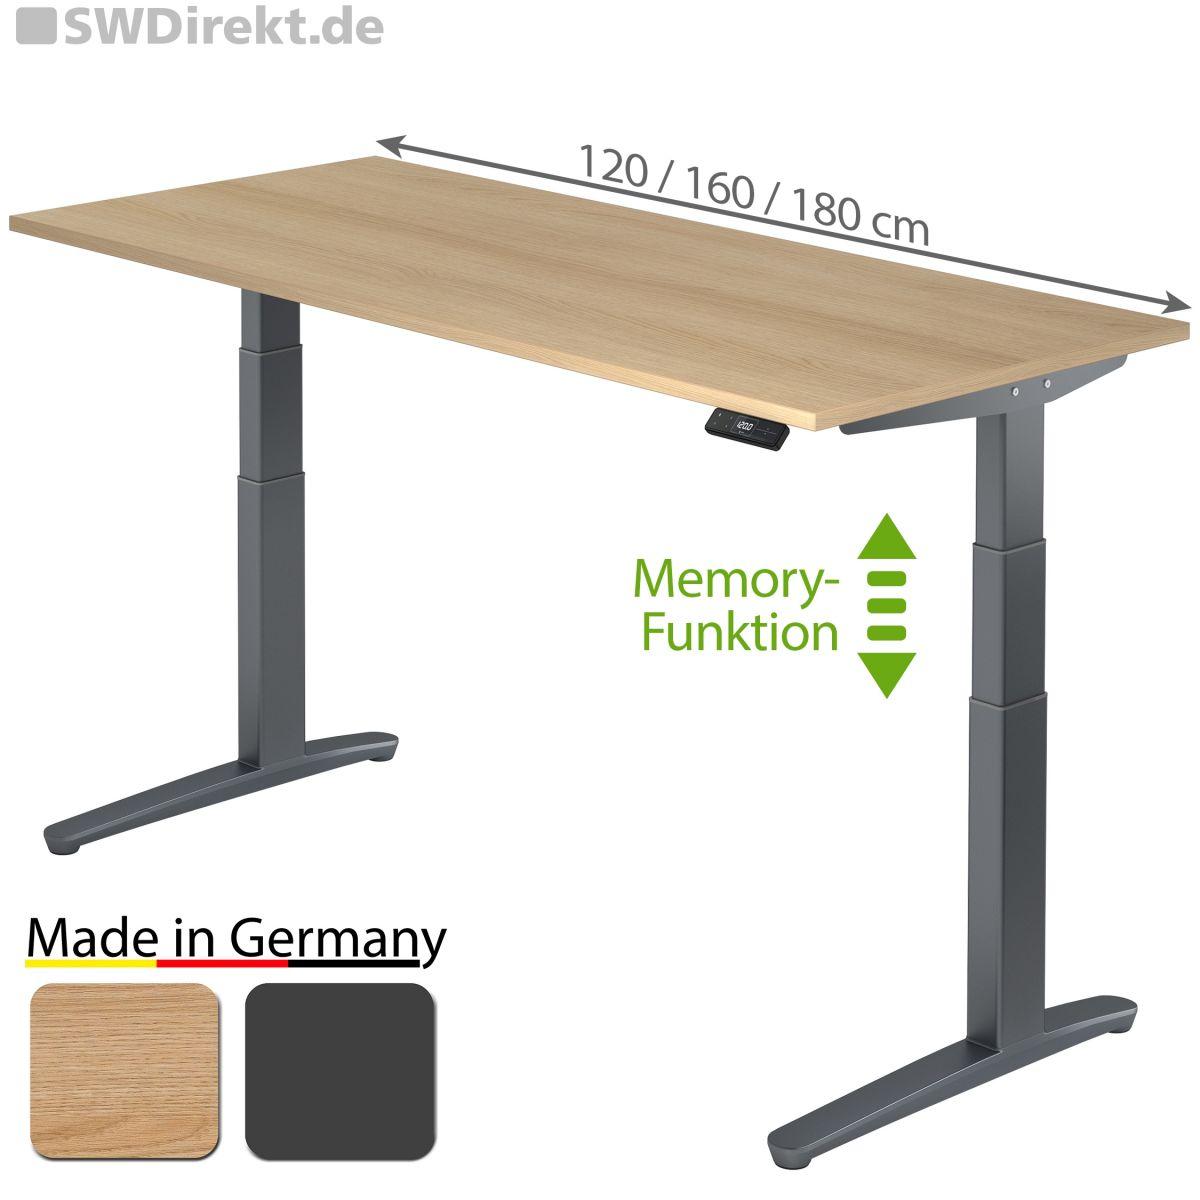 Arbeitstisch 120x80 cm elektromotorisch höhenverstellbar inkl. Memory-Funktion, Fußgestell in graphit, Tischplatte Eiche Dekor